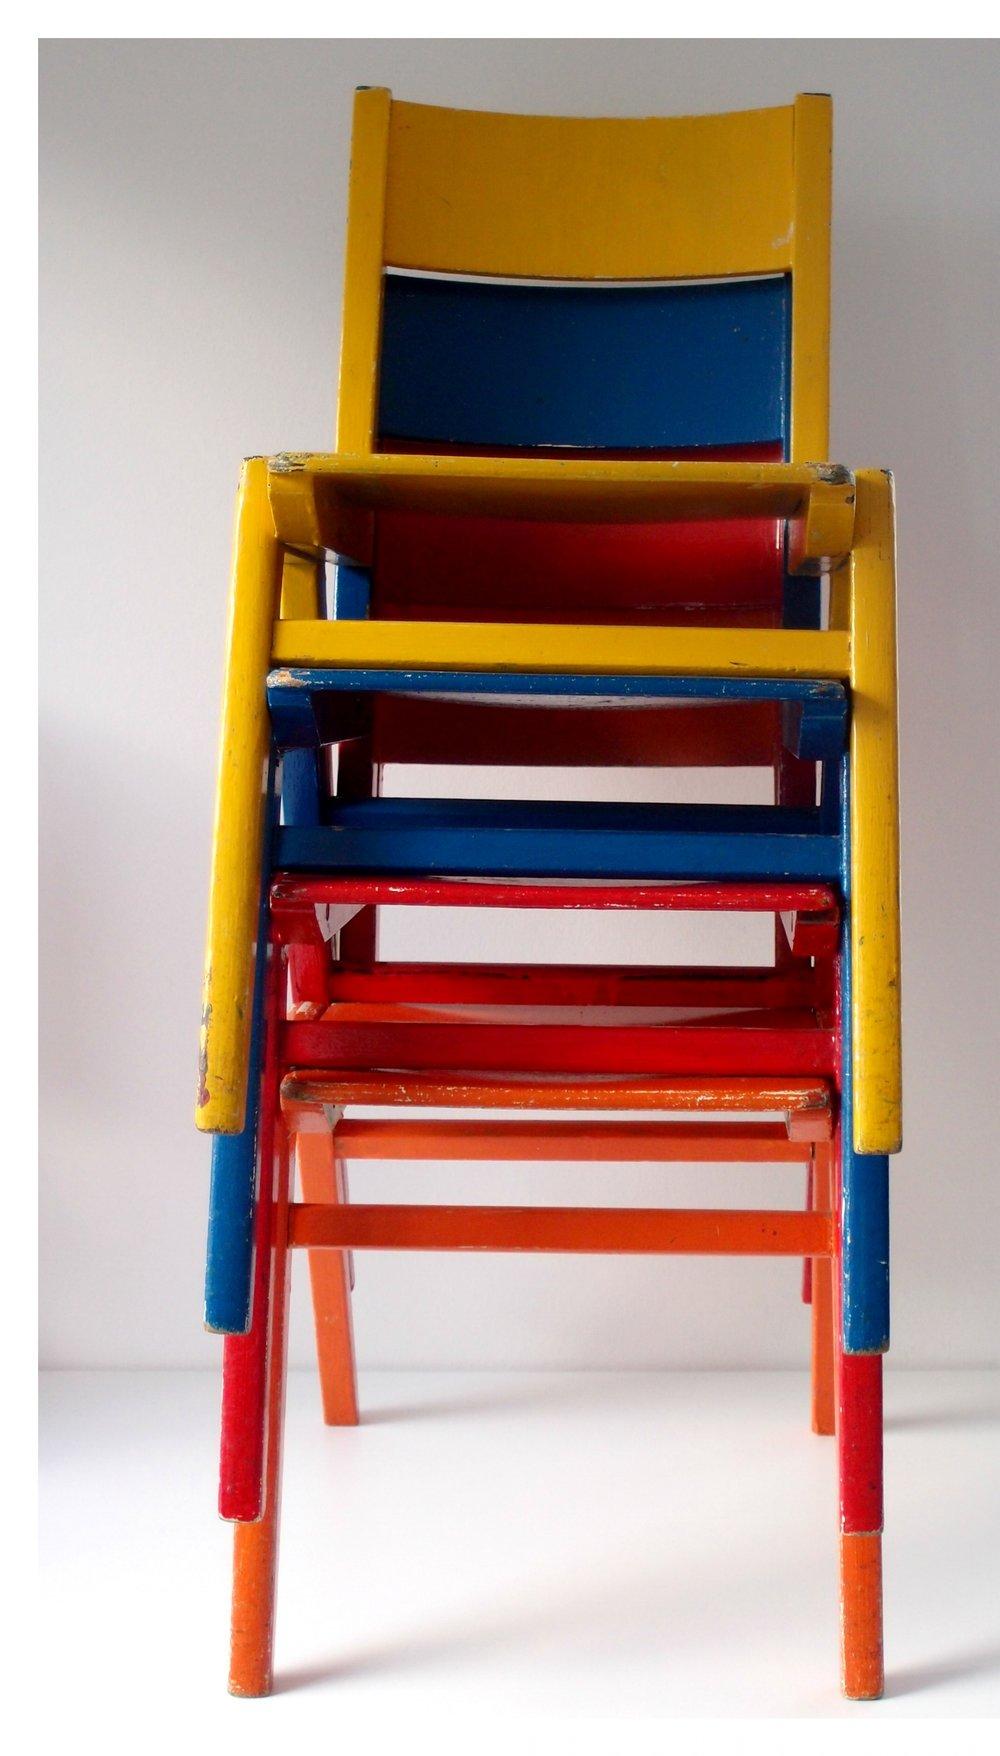 Kinderstühle.jpg